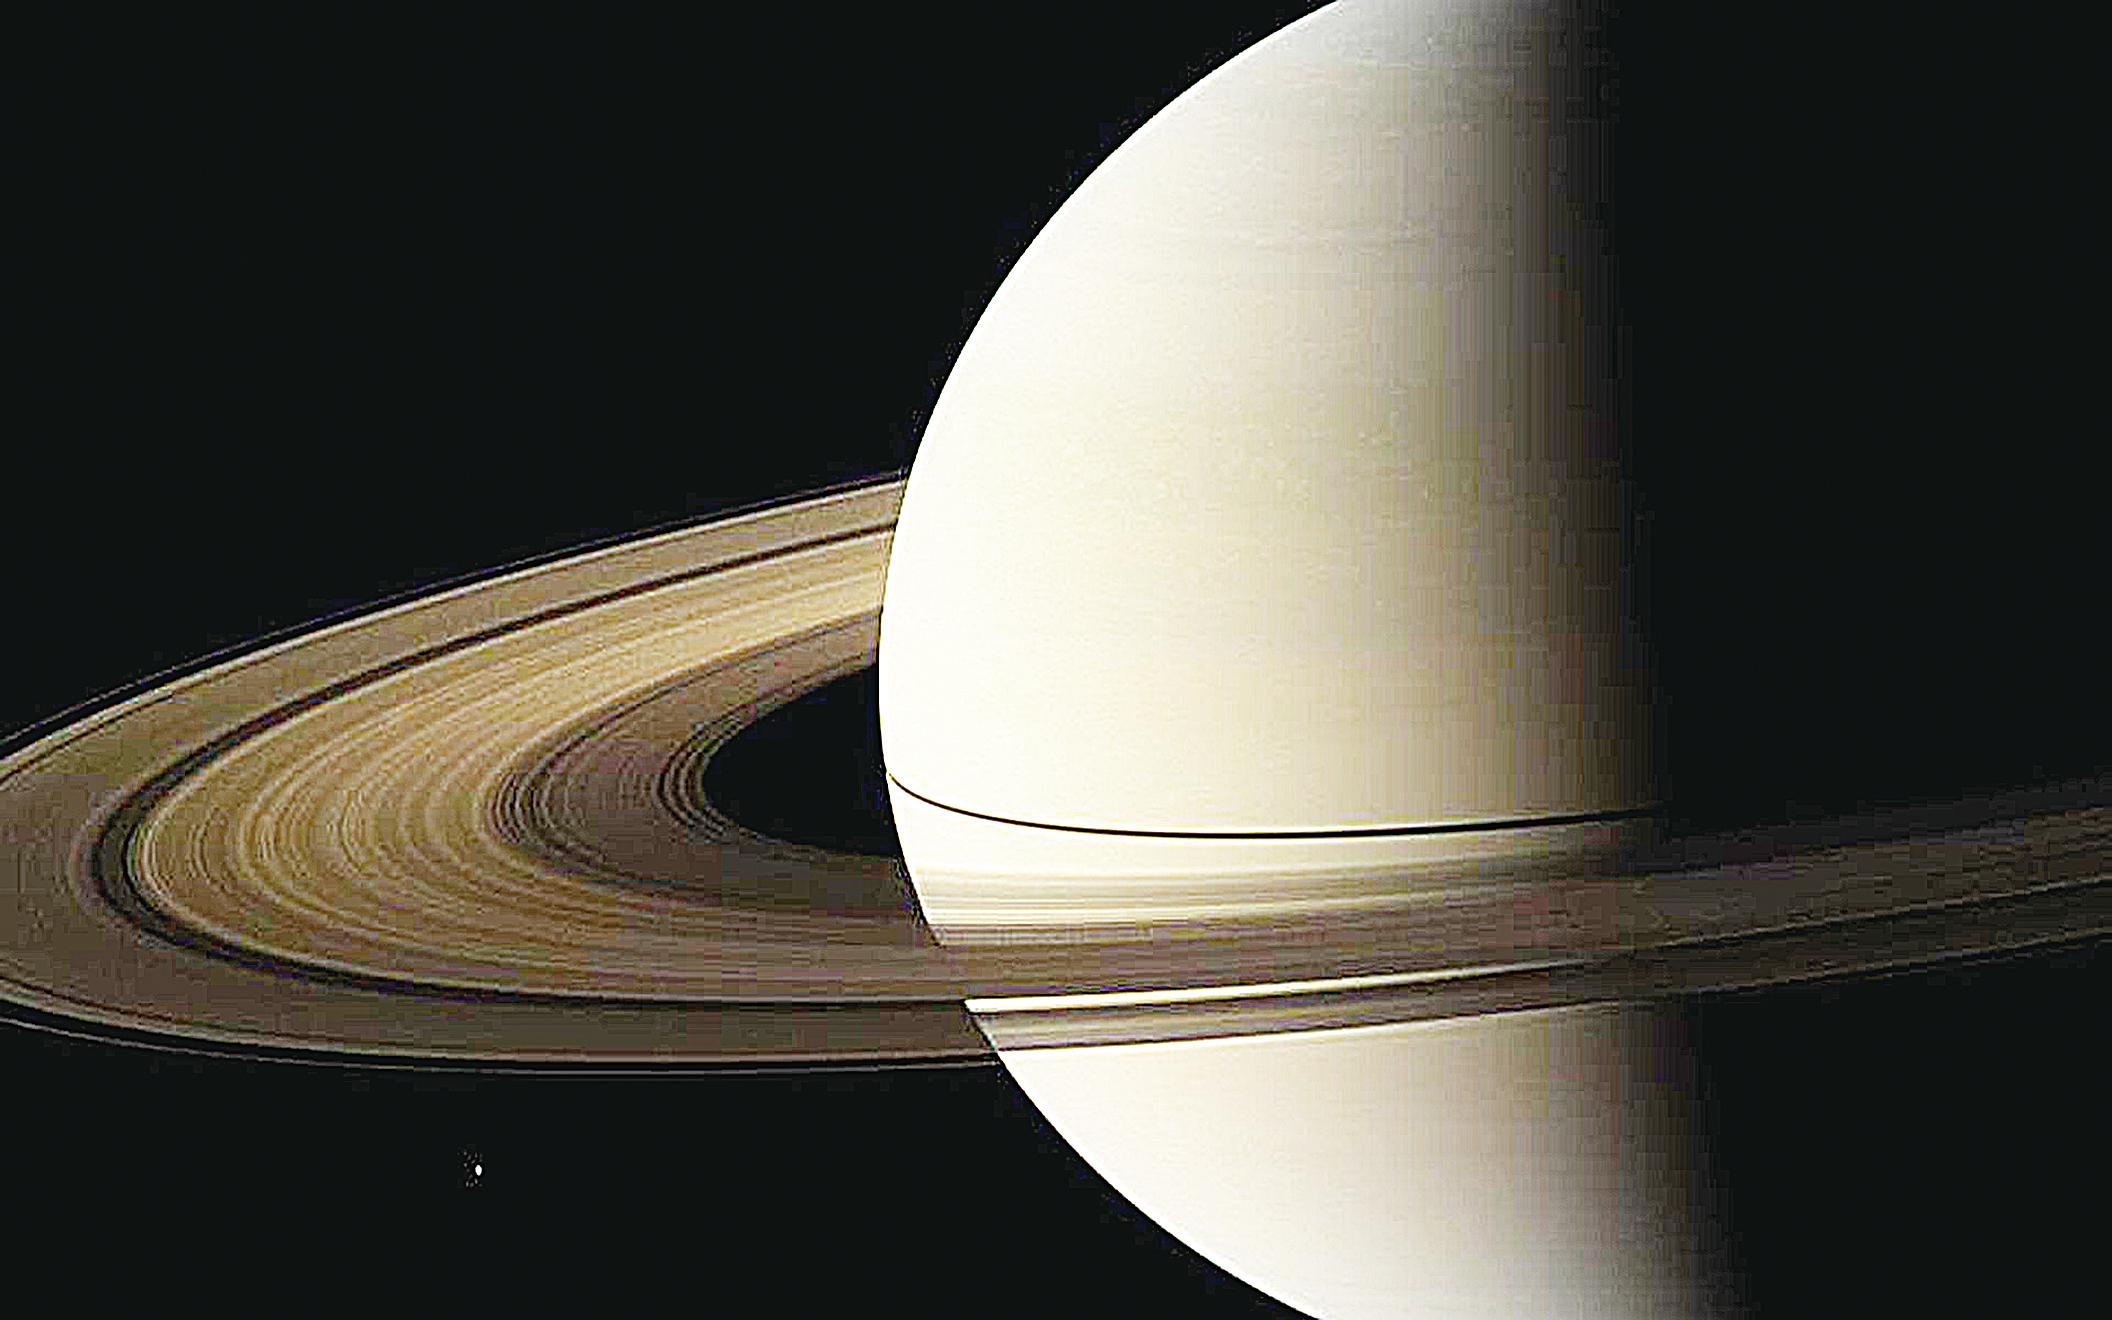 飛碟形衛星凸顯天體神秘莫測